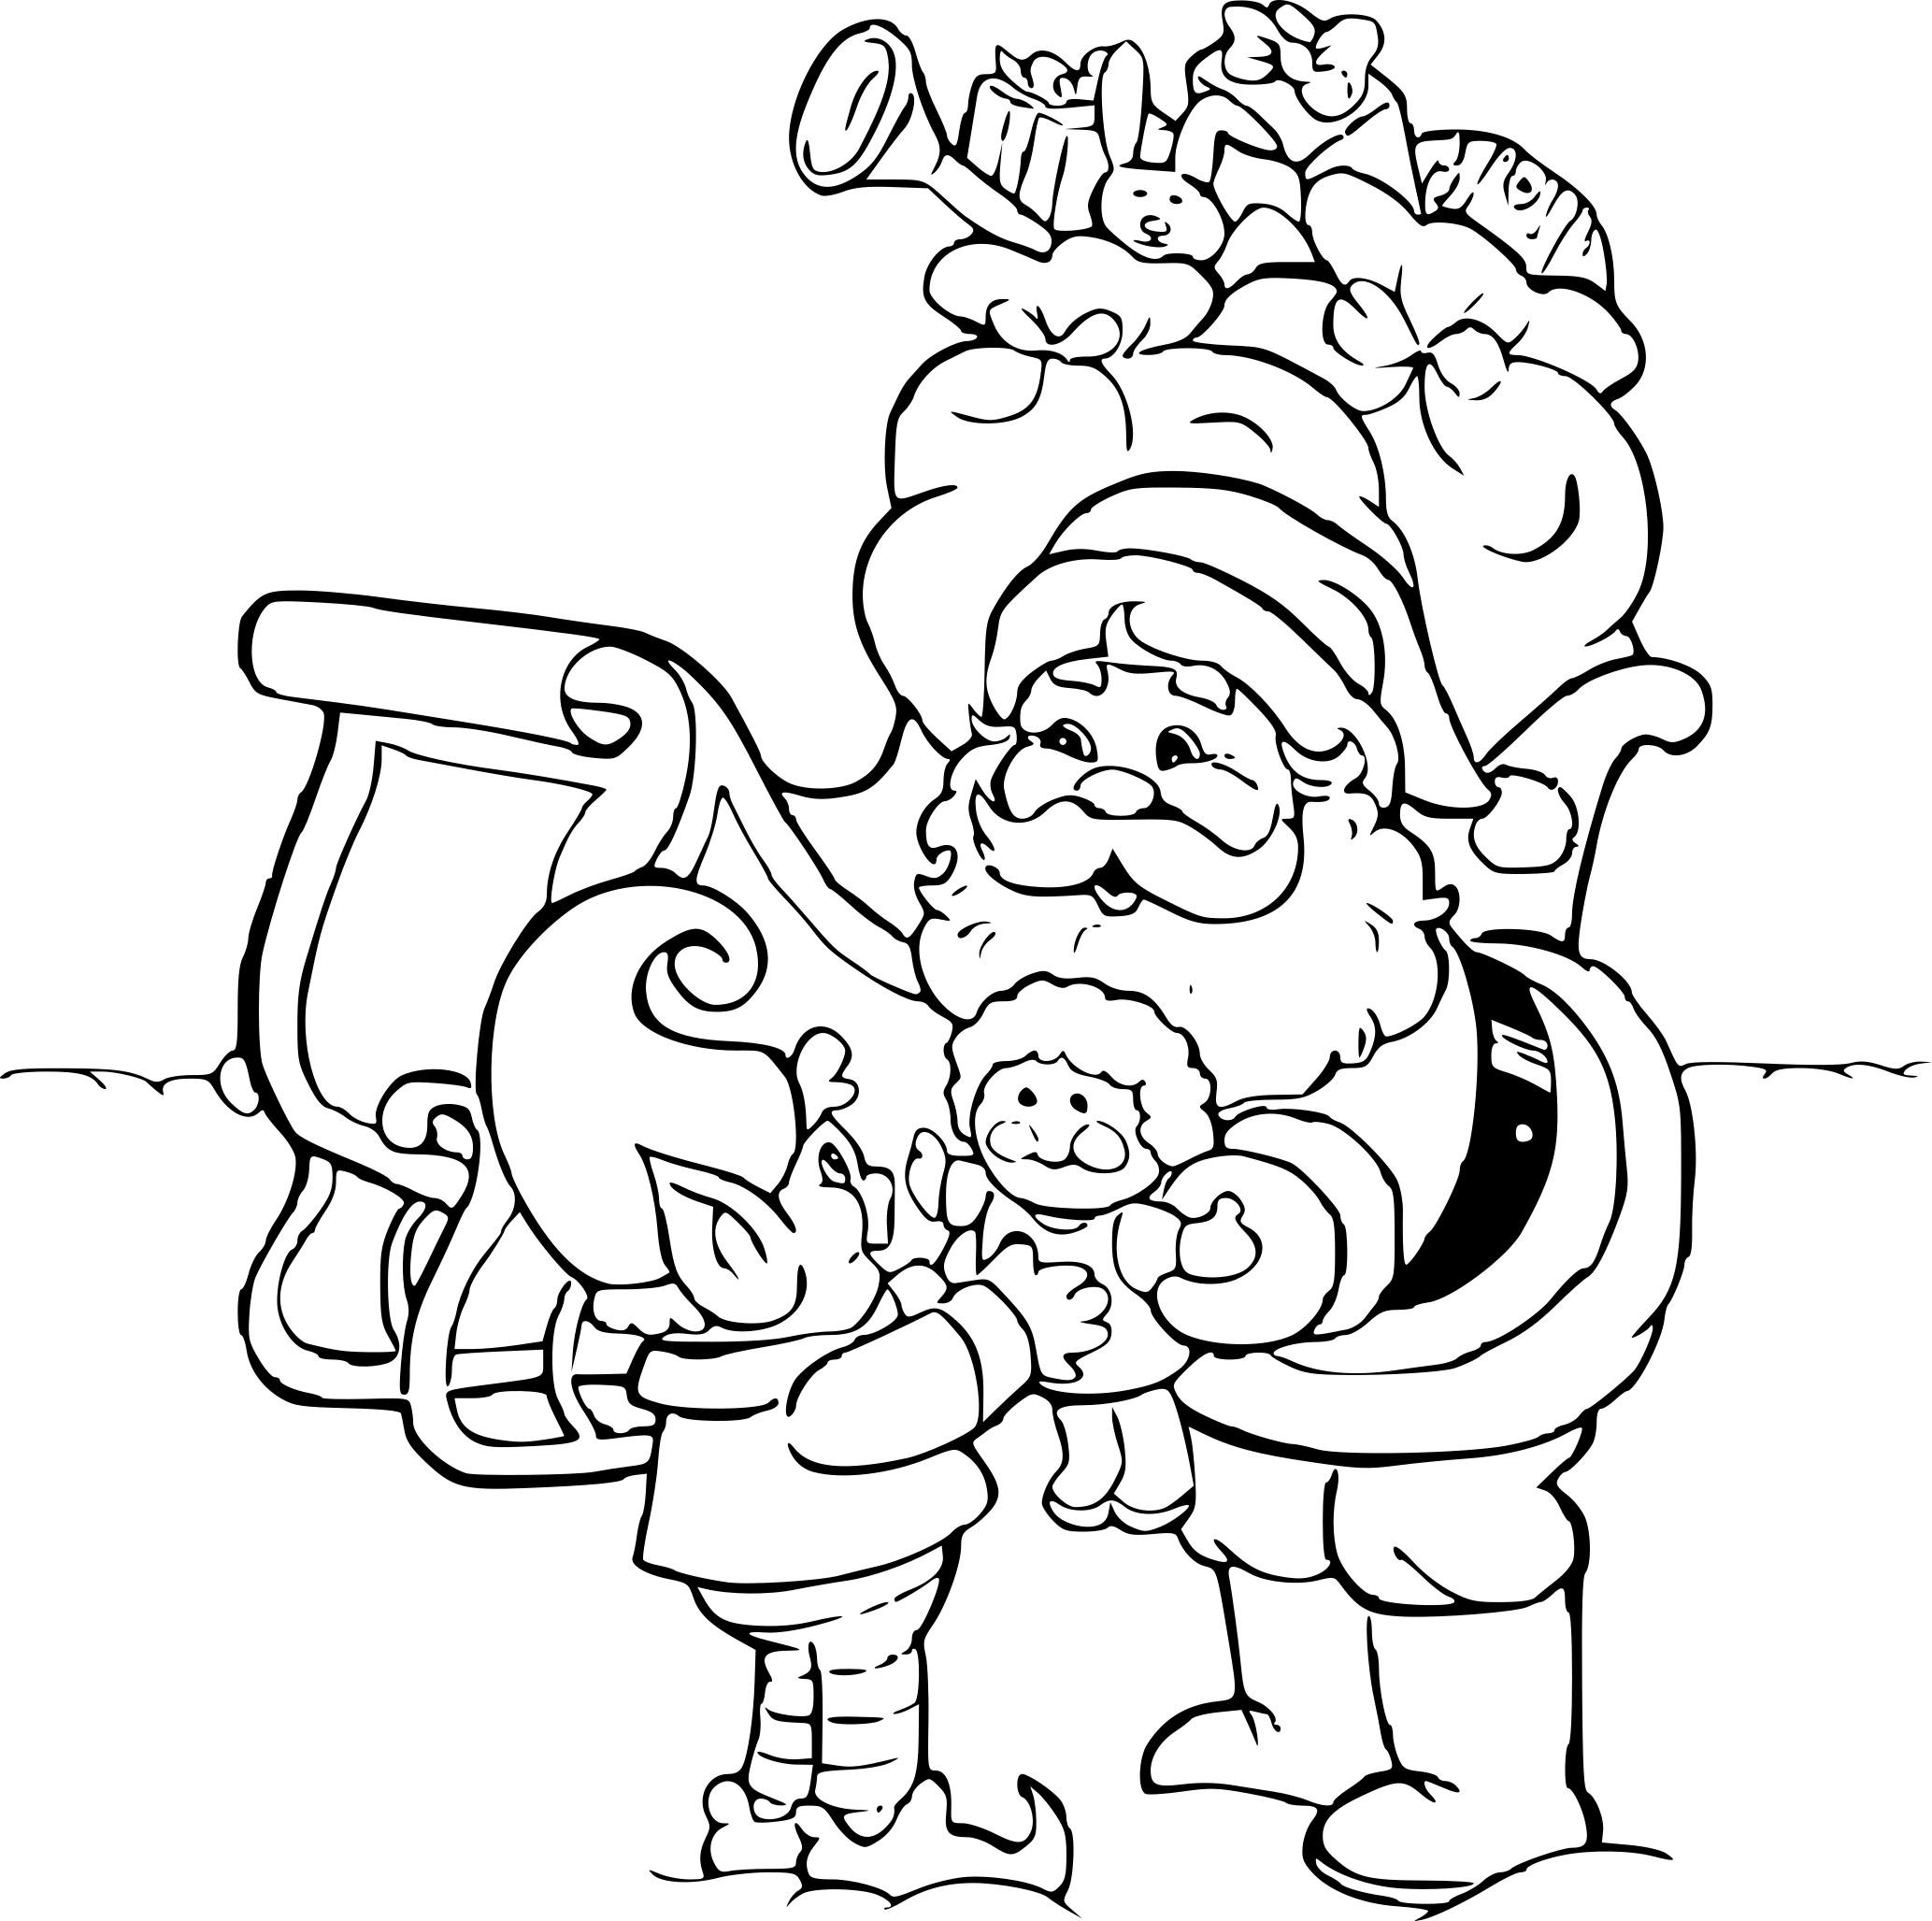 Coloriage Lutin Et Père Noël À Imprimer Sur Coloriages dedans Dessin À Imprimer Pere Noel